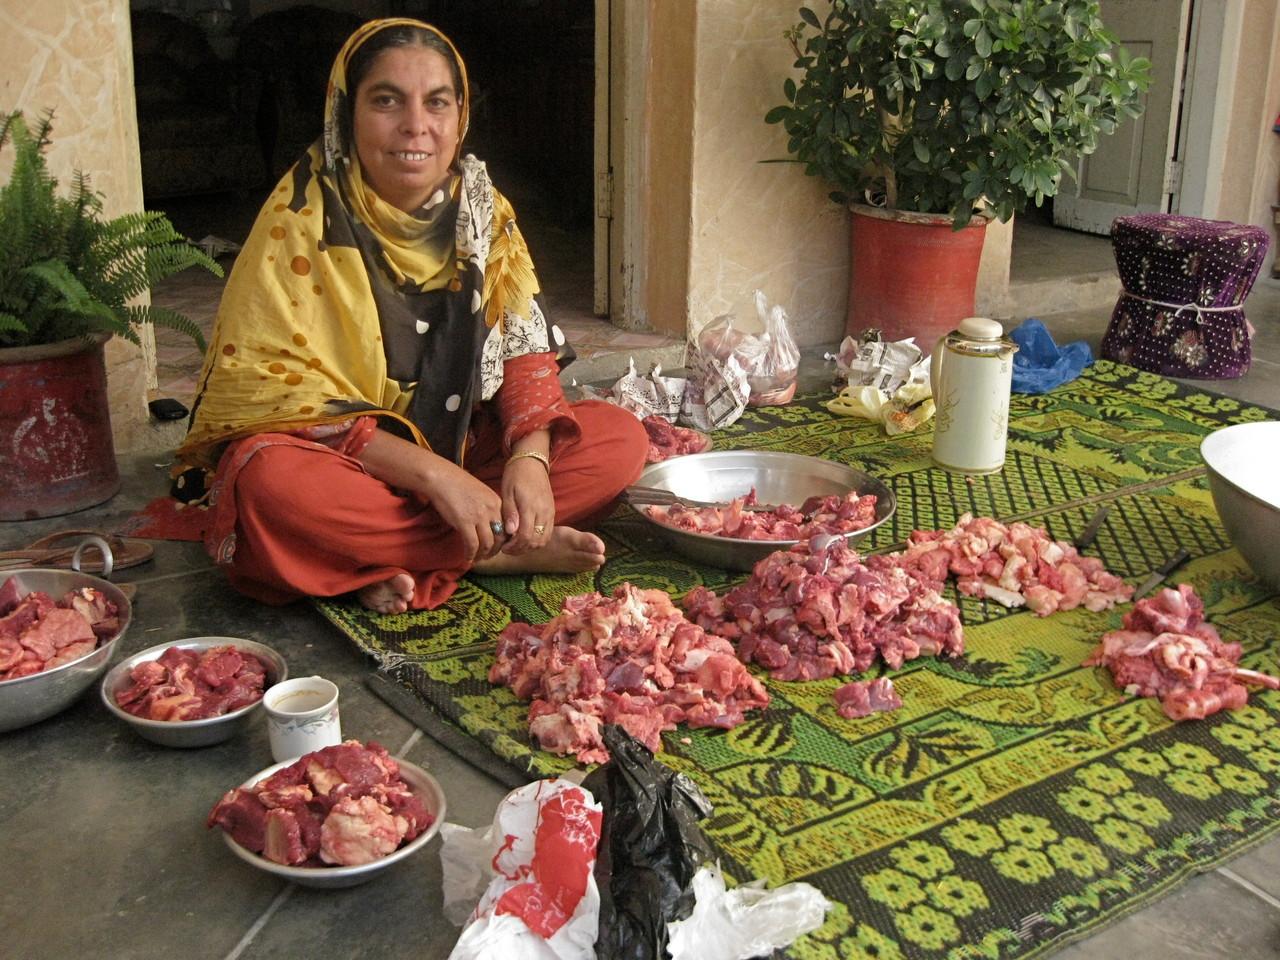 石工さんの家では、奥さんが犠牲にした肉を分配する準備をしていた。